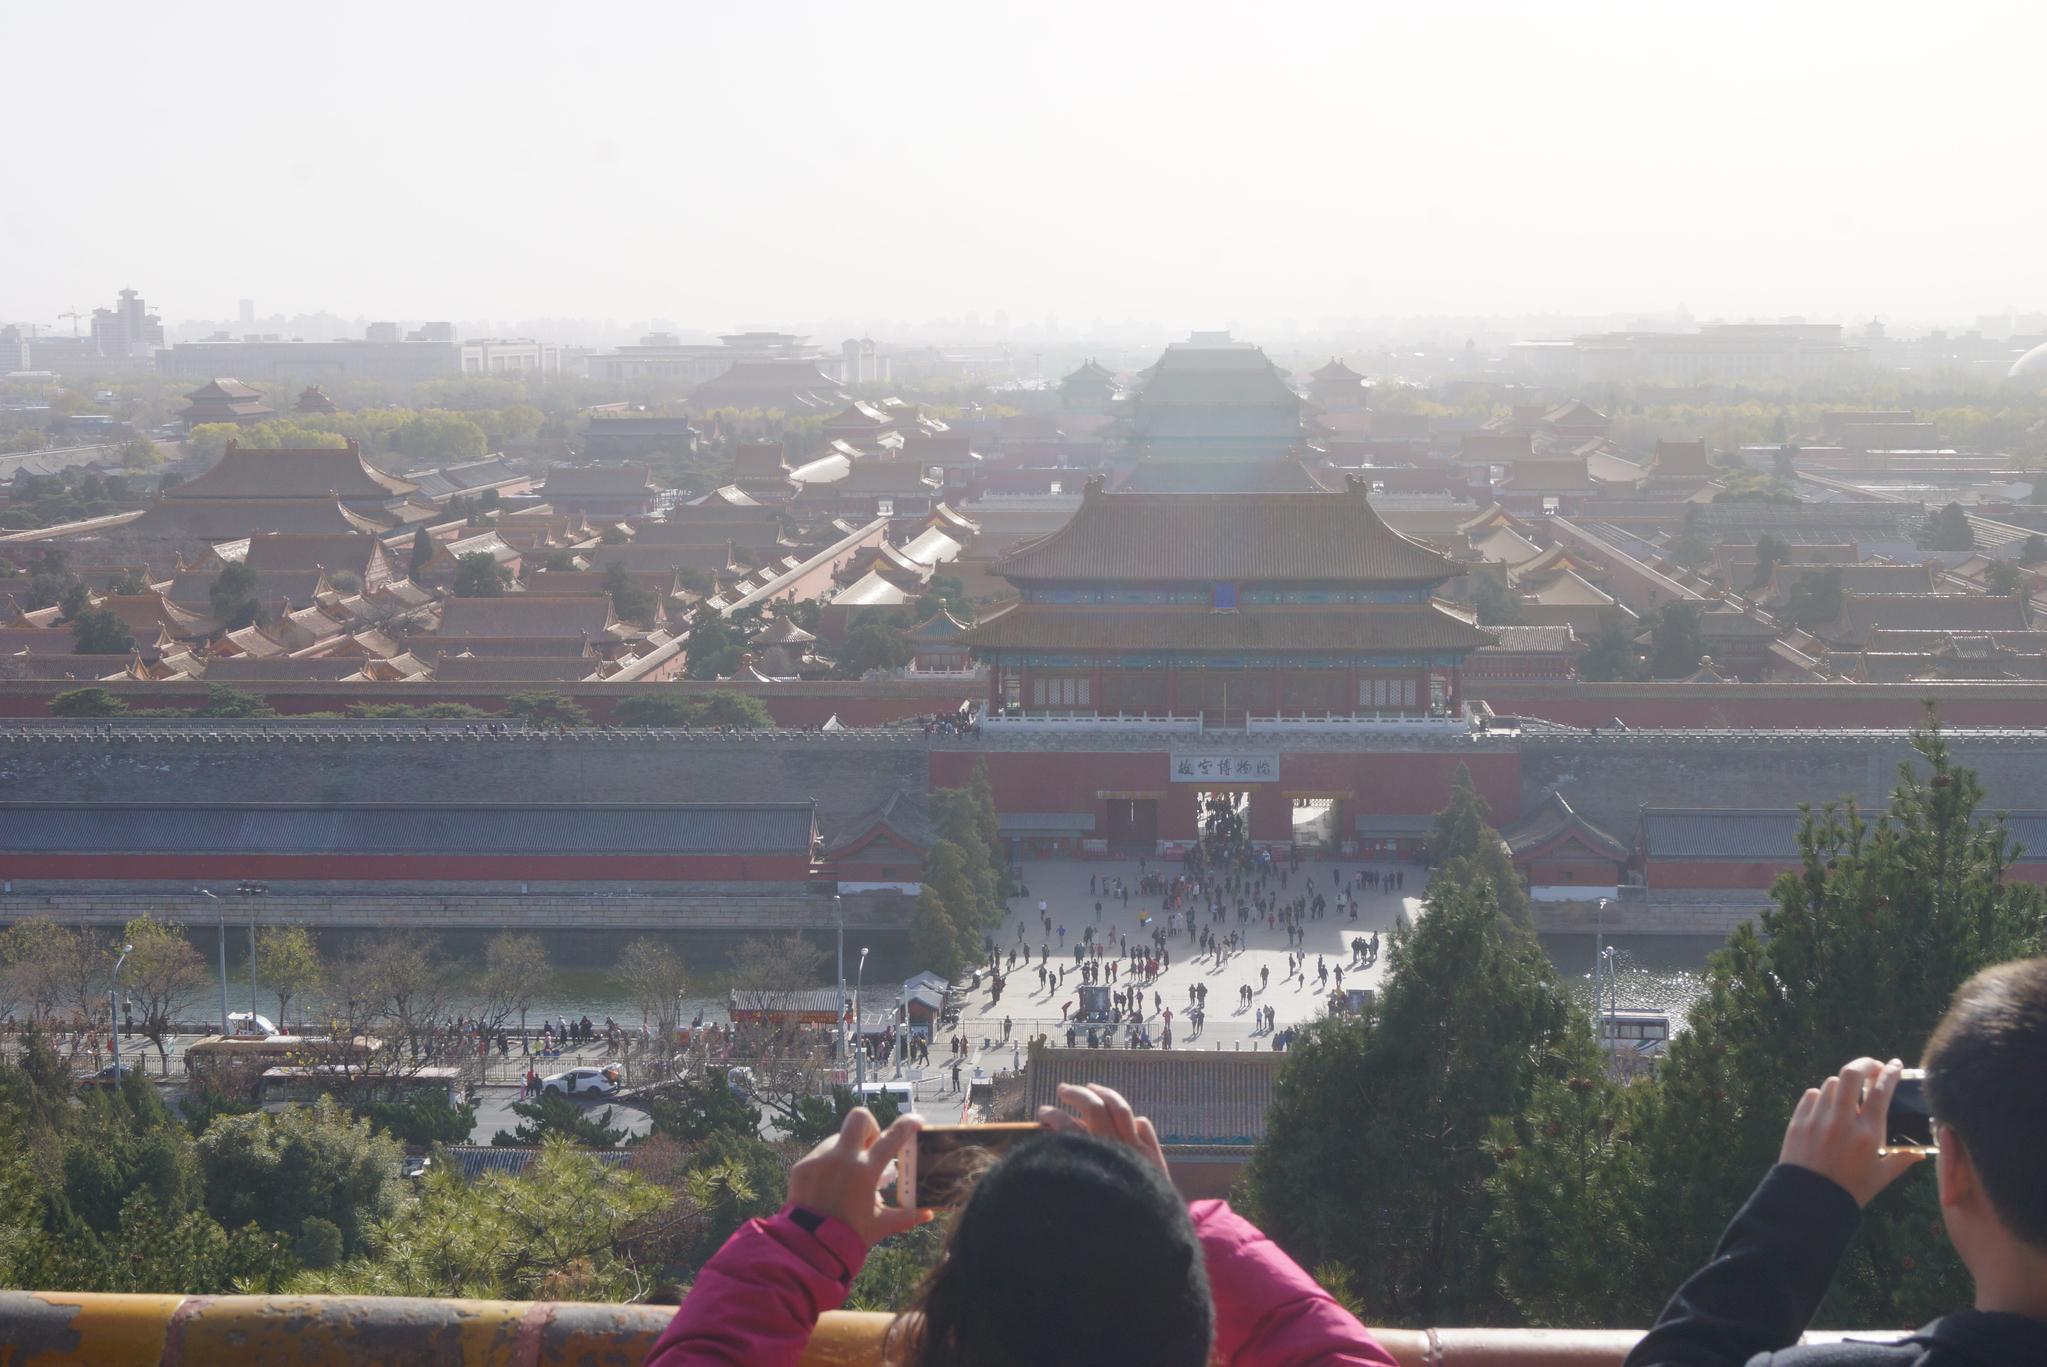 지난해 11월 27일 중국 베이징 징산공원에서 내려다본 자금성. 전날 극심했던 스모그는 걷혔지만 바람과 함께 황사 먼지가 하늘을 덮고 있었다. 베이징=강찬수 기자